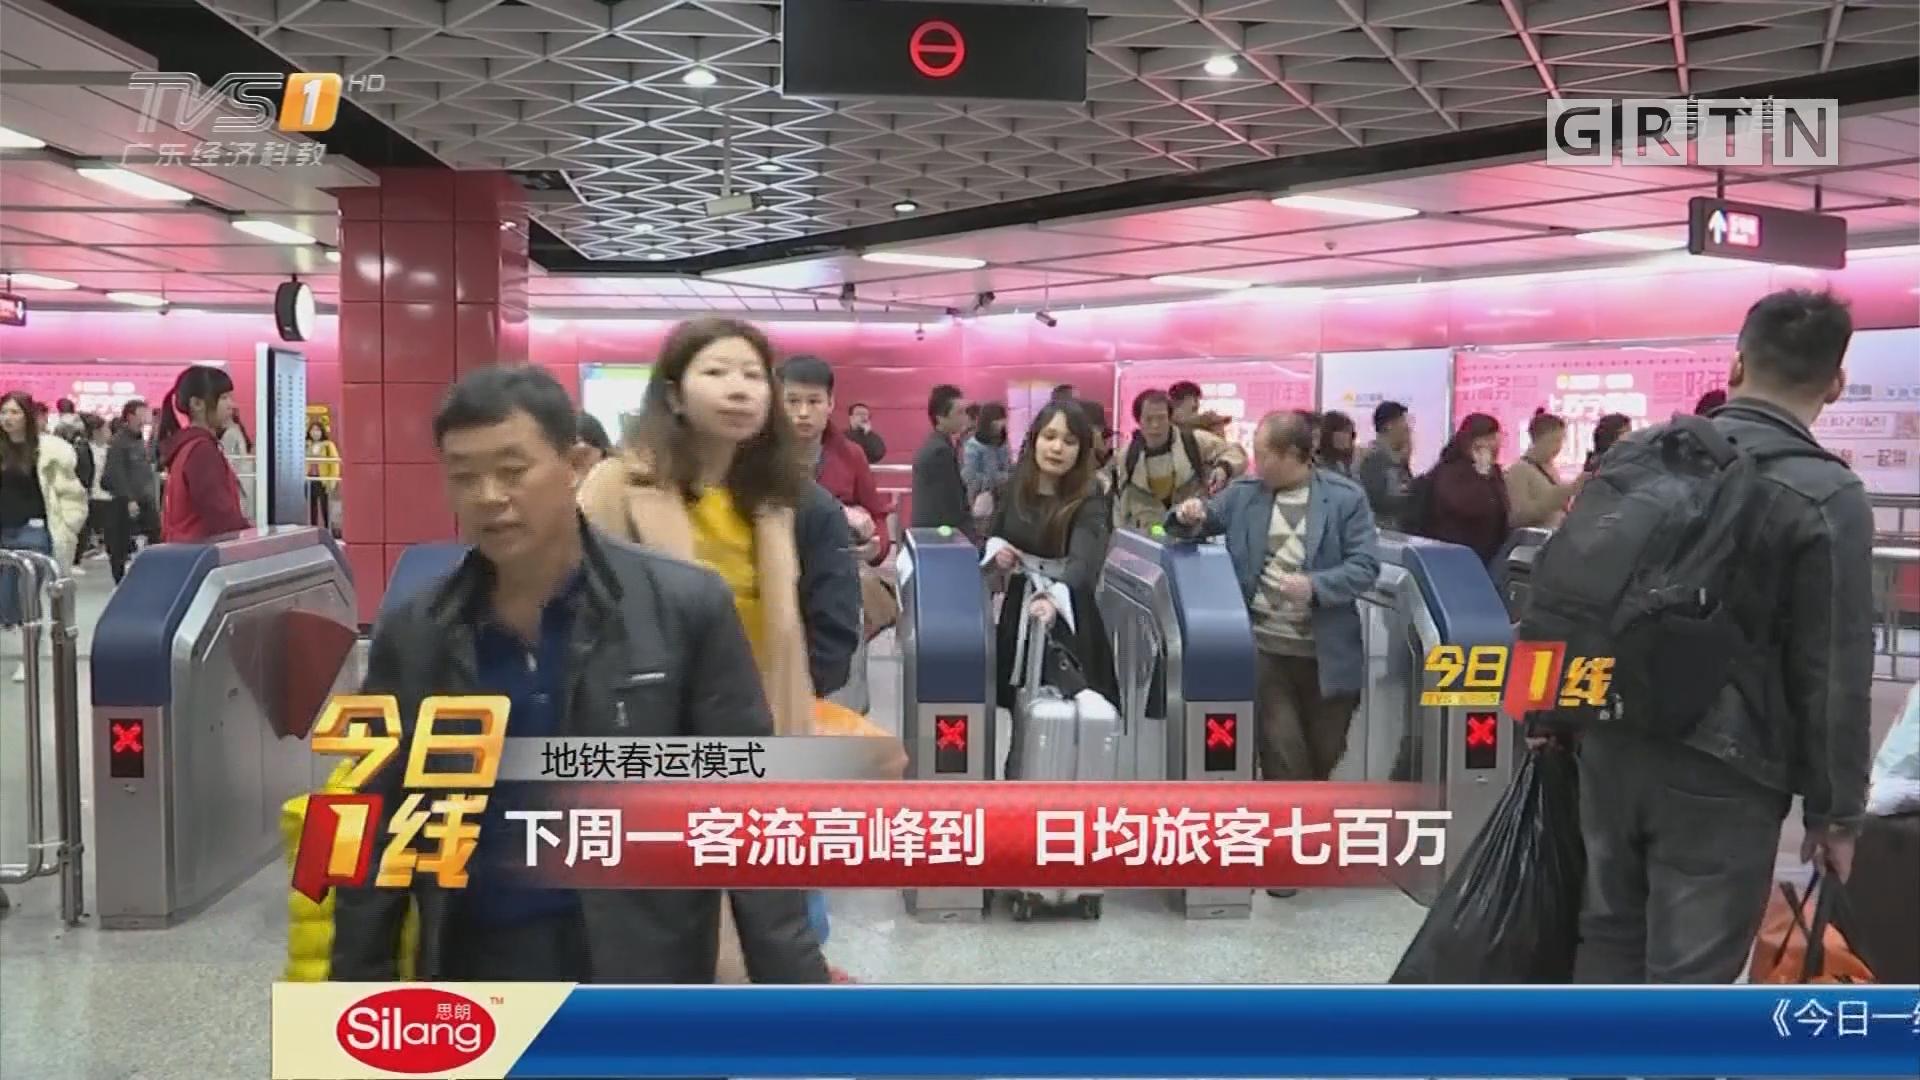 地铁春运模式:下周一客流高峰到 日均旅客七百万